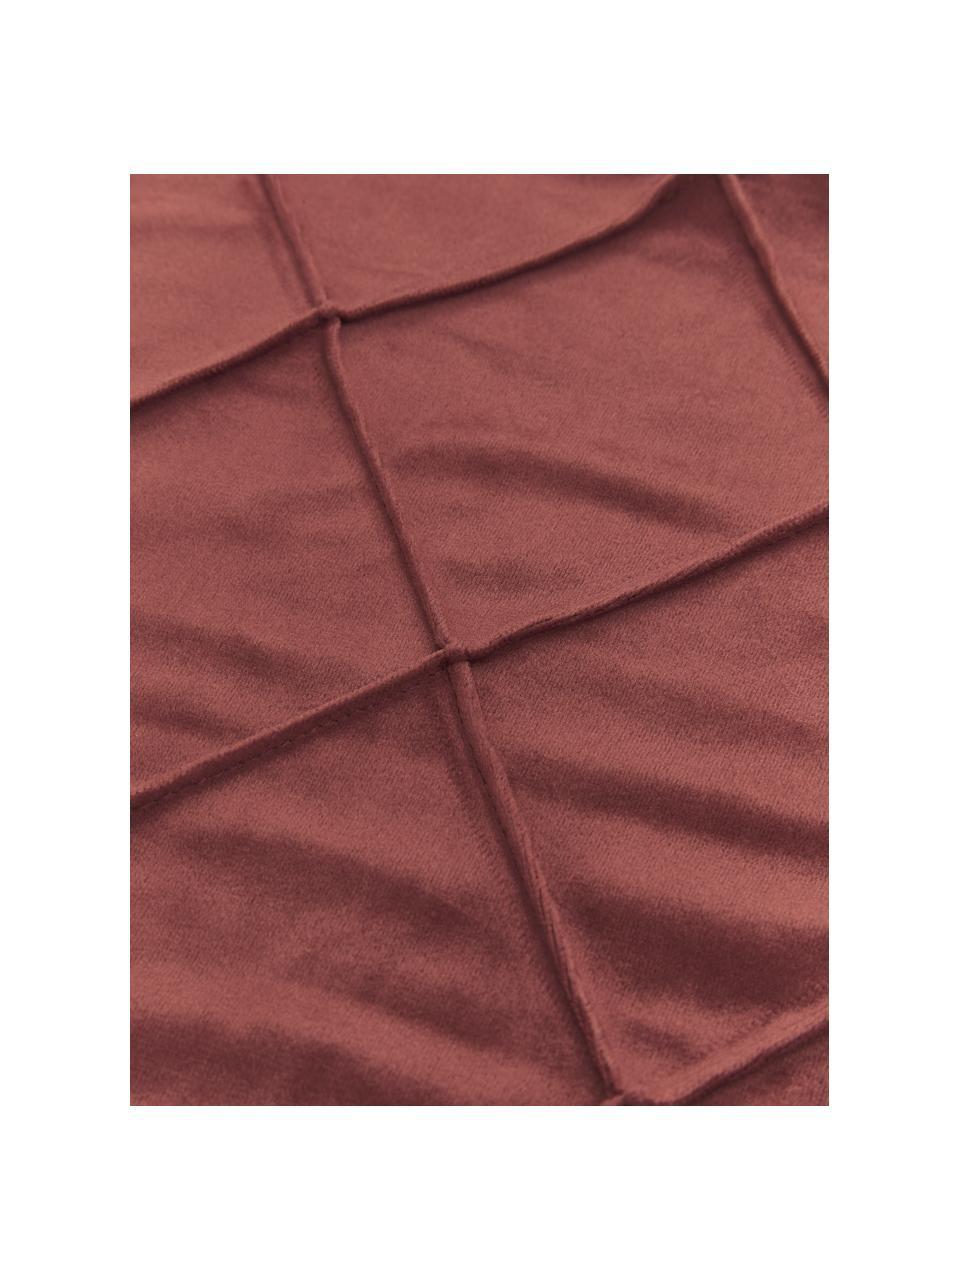 Fluwelen kussenhoes Nobless in terracottarood met verhoogd ruitjesmotief, 100% polyester fluweel, Terracottarood, 40 x 40 cm